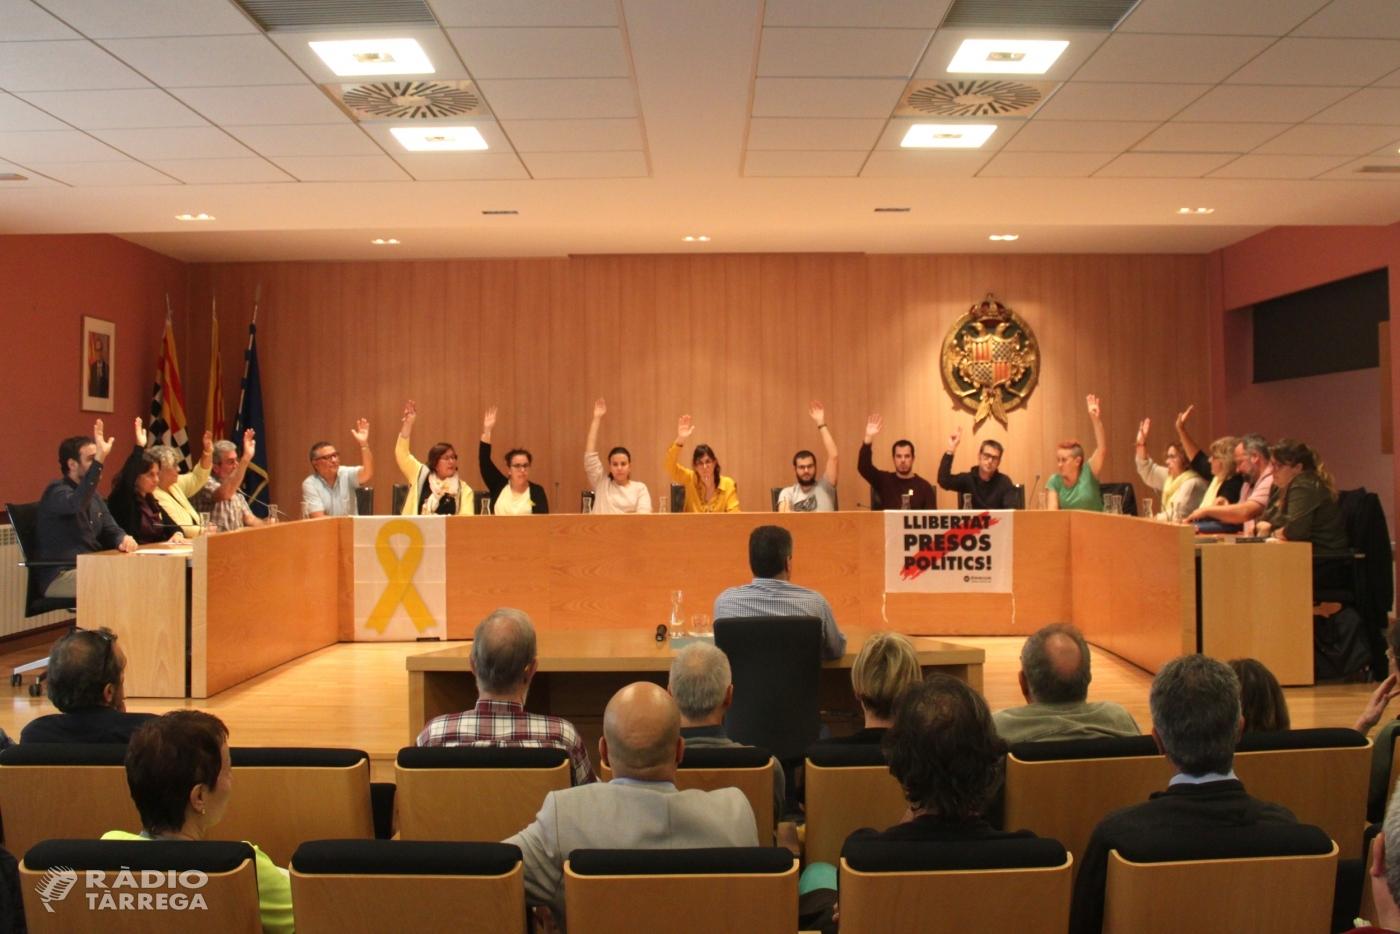 El Ple de Tàrrega aprova la moció que rebutja la sentència del Tribunal Suprem, reclama la llibertat immediata dels presos polítics i defensa el dret d'autodeterminació